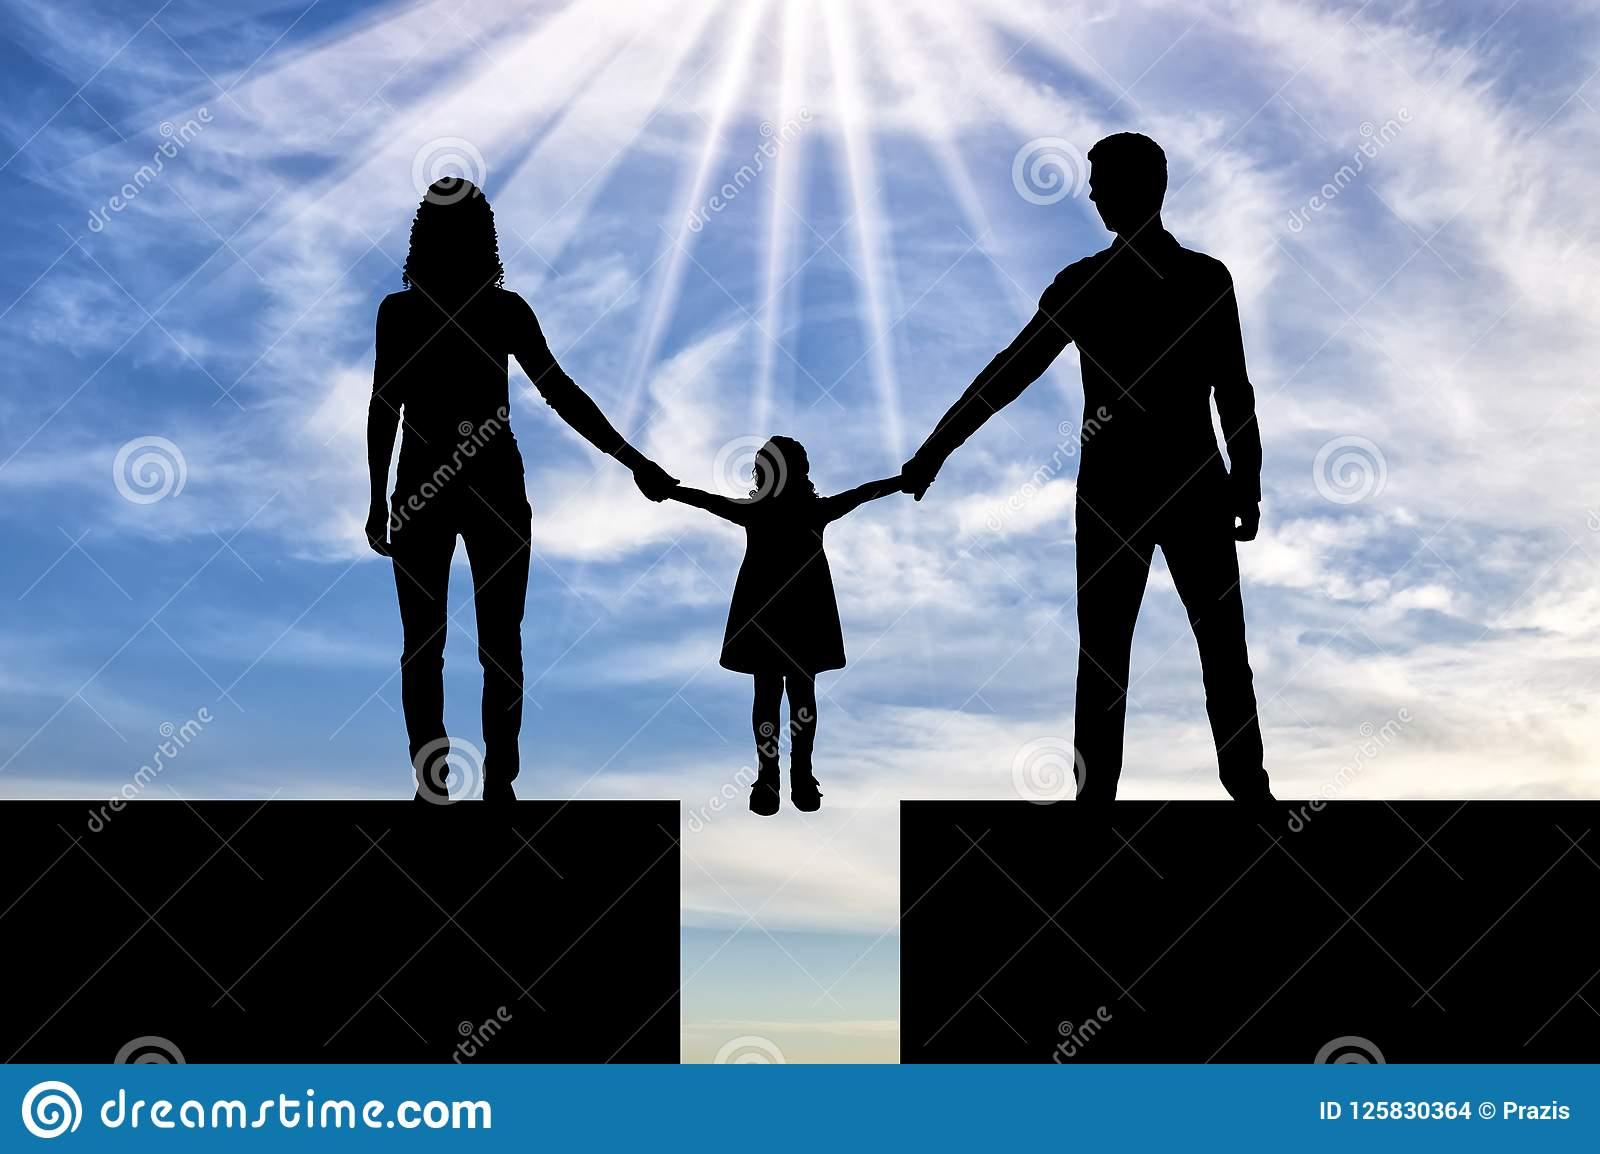 Как развестись с мужем: причины для развода, порядок и процедура + необходимые документы